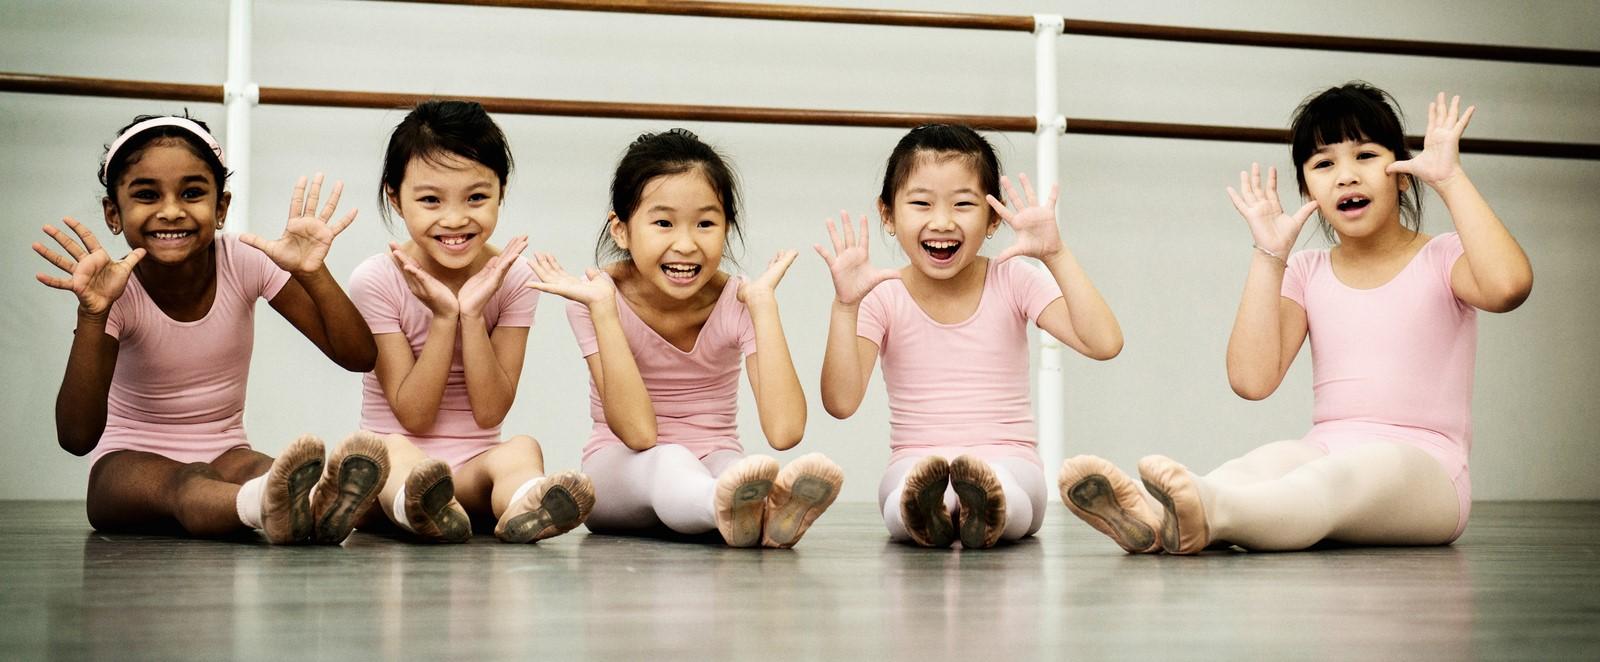 ballet-class-kids-2